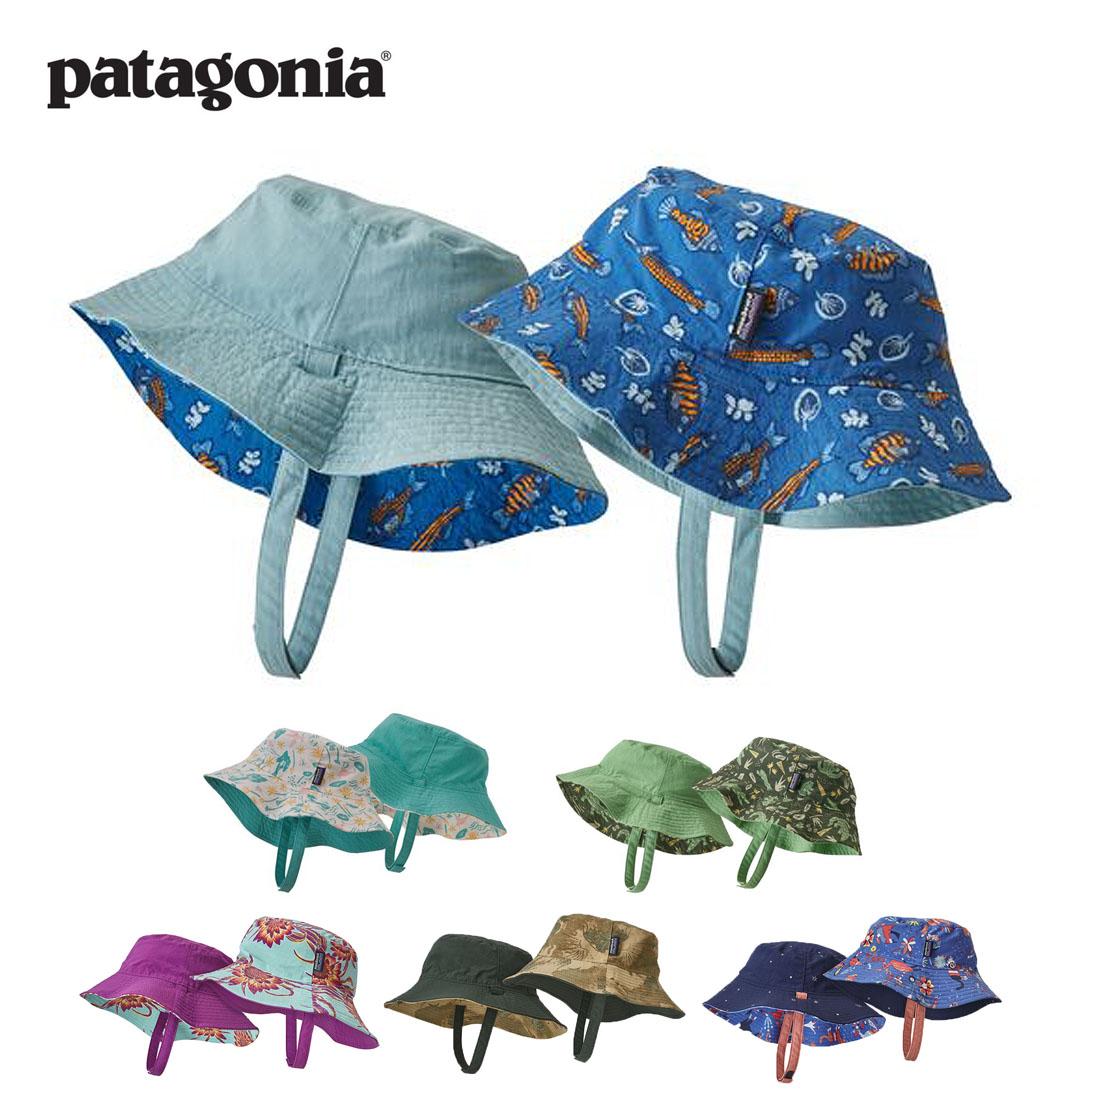 【正規取扱店】パタゴニア patagonia キッズ Baby Sun Bucket Hat(24M/24ヵ月 5T/5歳) ベビー・サン・バケツ・ハット 帽子 【メール便可】